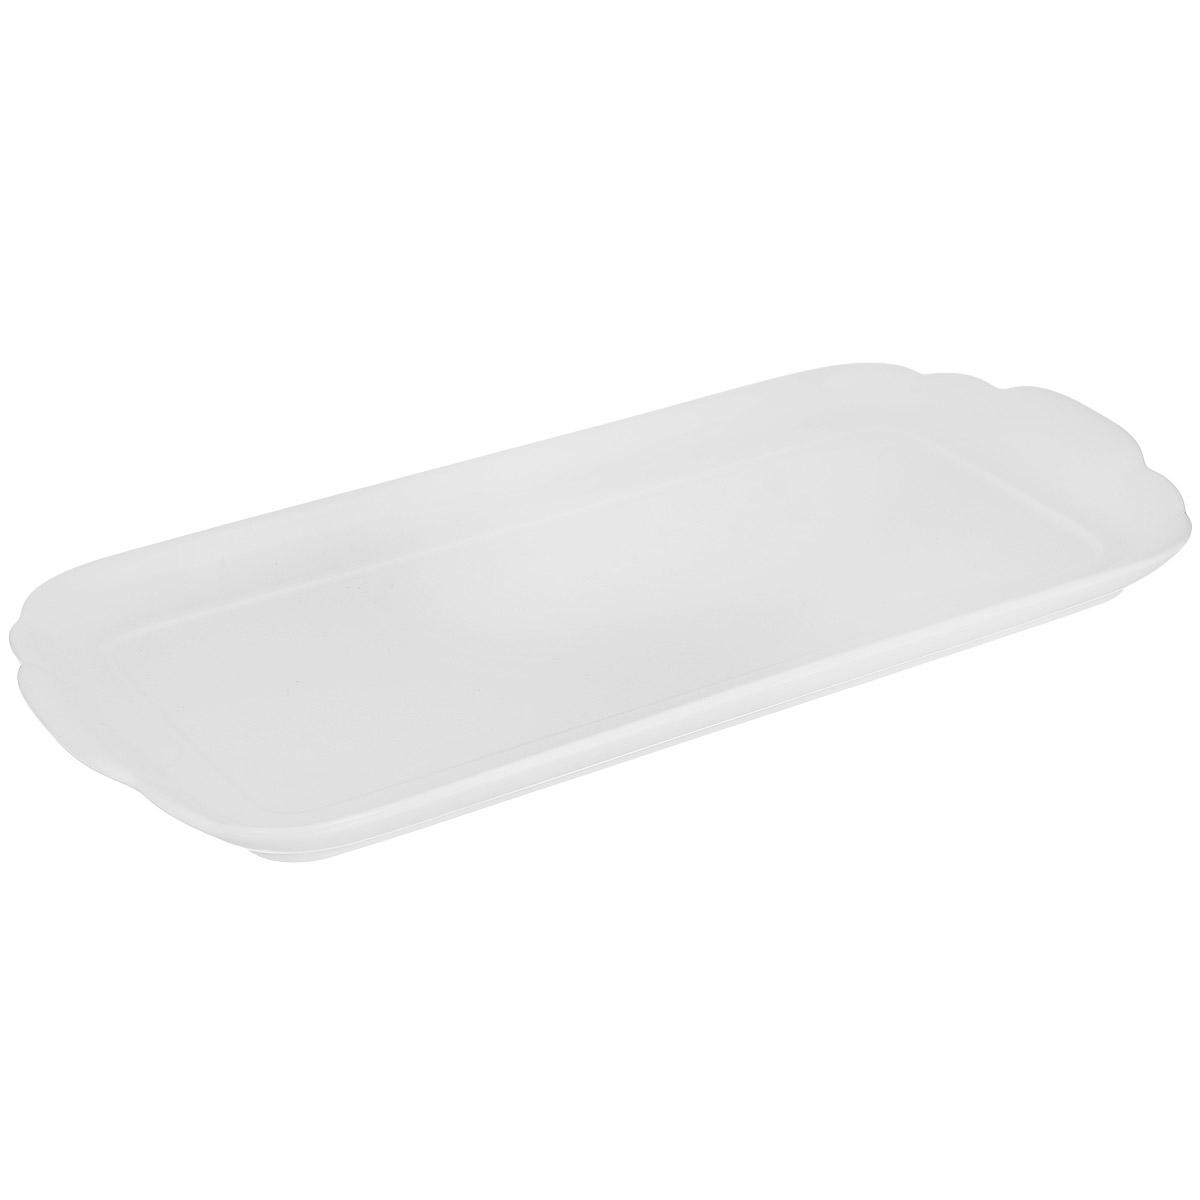 Блюдо Royal Porcelain, цвет: белый, 15 см х 33 смVT-1520(SR)Блюдо Royal Porcelain изготовлено из высококачественного костяного фарфора. Основными достоинствами изделий из костяного фарфора являются прочность и абсолютно гладкая глазуровка. Блюдо имеет специальную форму, которая идеально подходит для сервировки рыбы, а также нарезок и закусок.Изящное блюдо Royal Porcelain великолепно украсит праздничный стол и станет прекрасным дополнением к вашему кухонному инвентарю.Можно мыть в посудомоечной машине. Размер блюда (по верхнему краю): 15 см х 33 см. Высота блюда: 2 см.